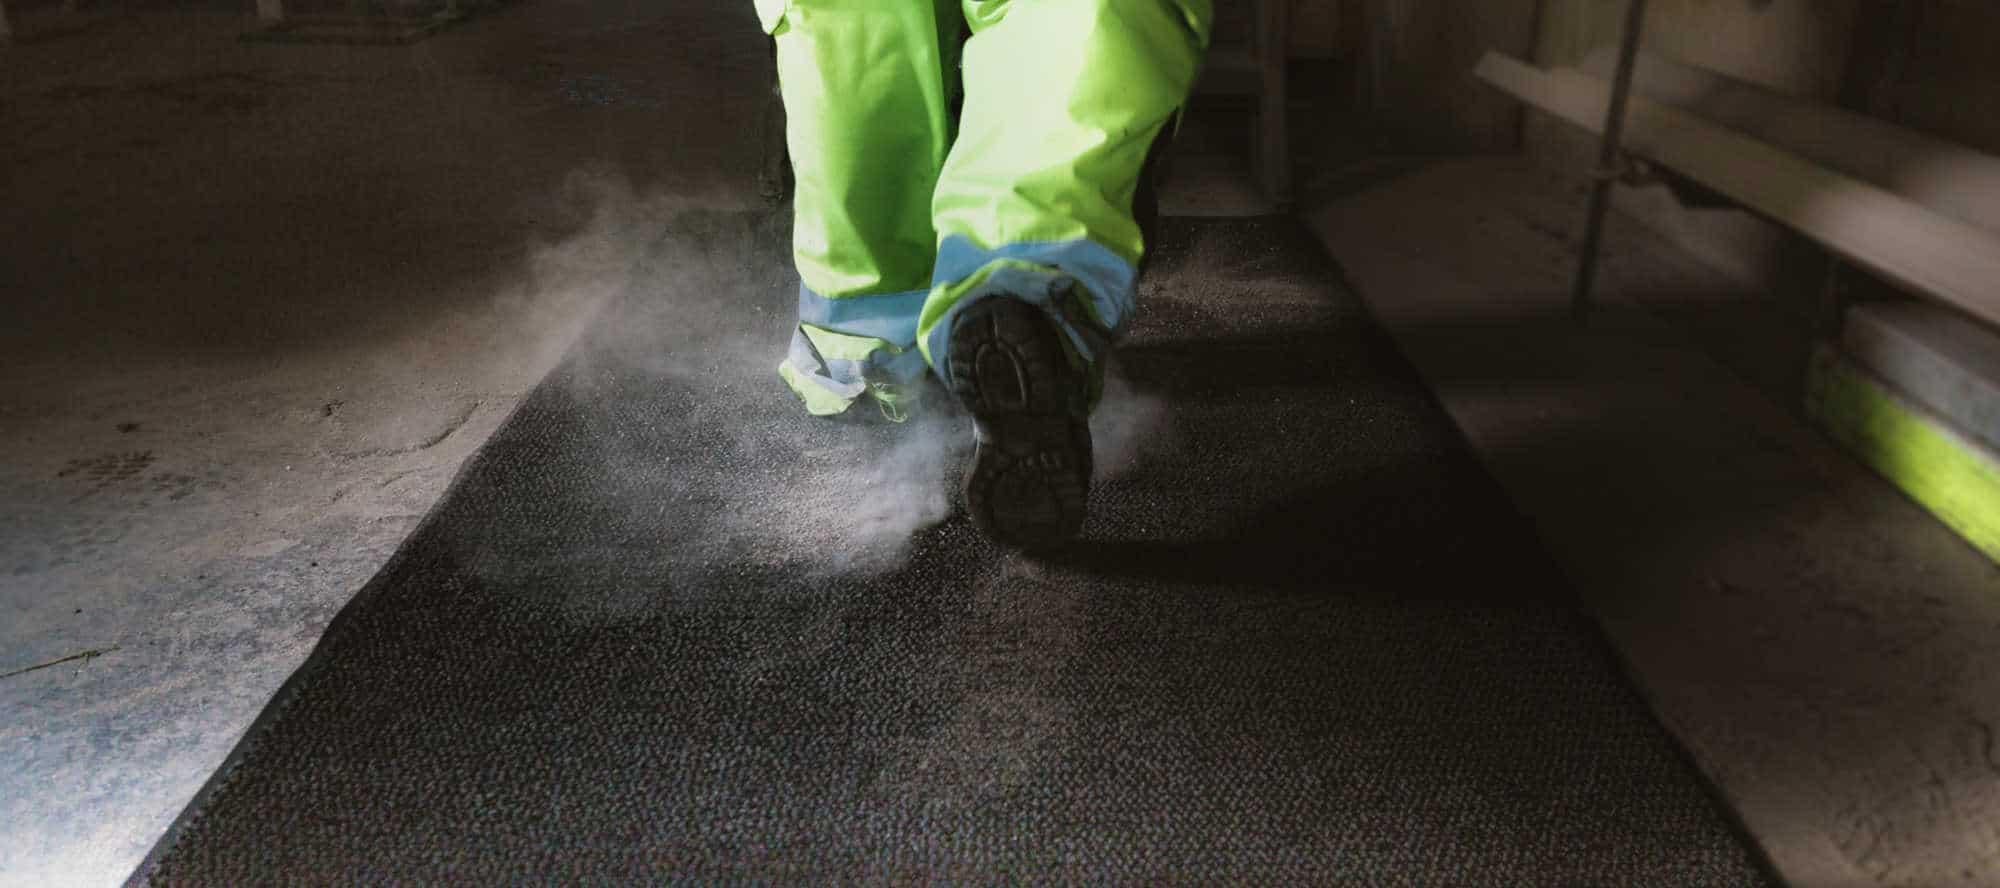 En mann som går på en microluxx matte med støvete sko